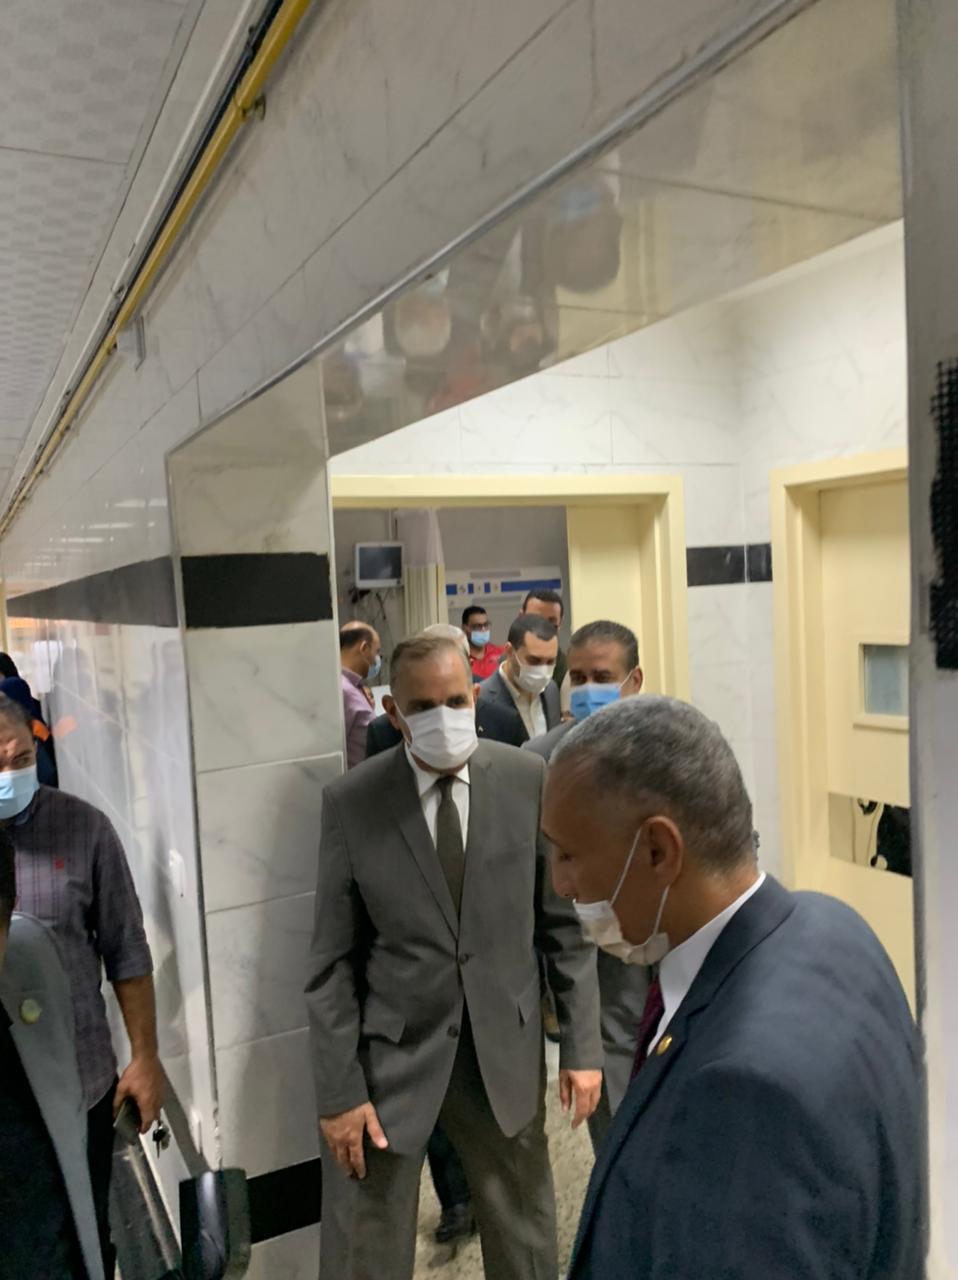 محافظ كفر الشيخ بمستشفى شيبين الكوم